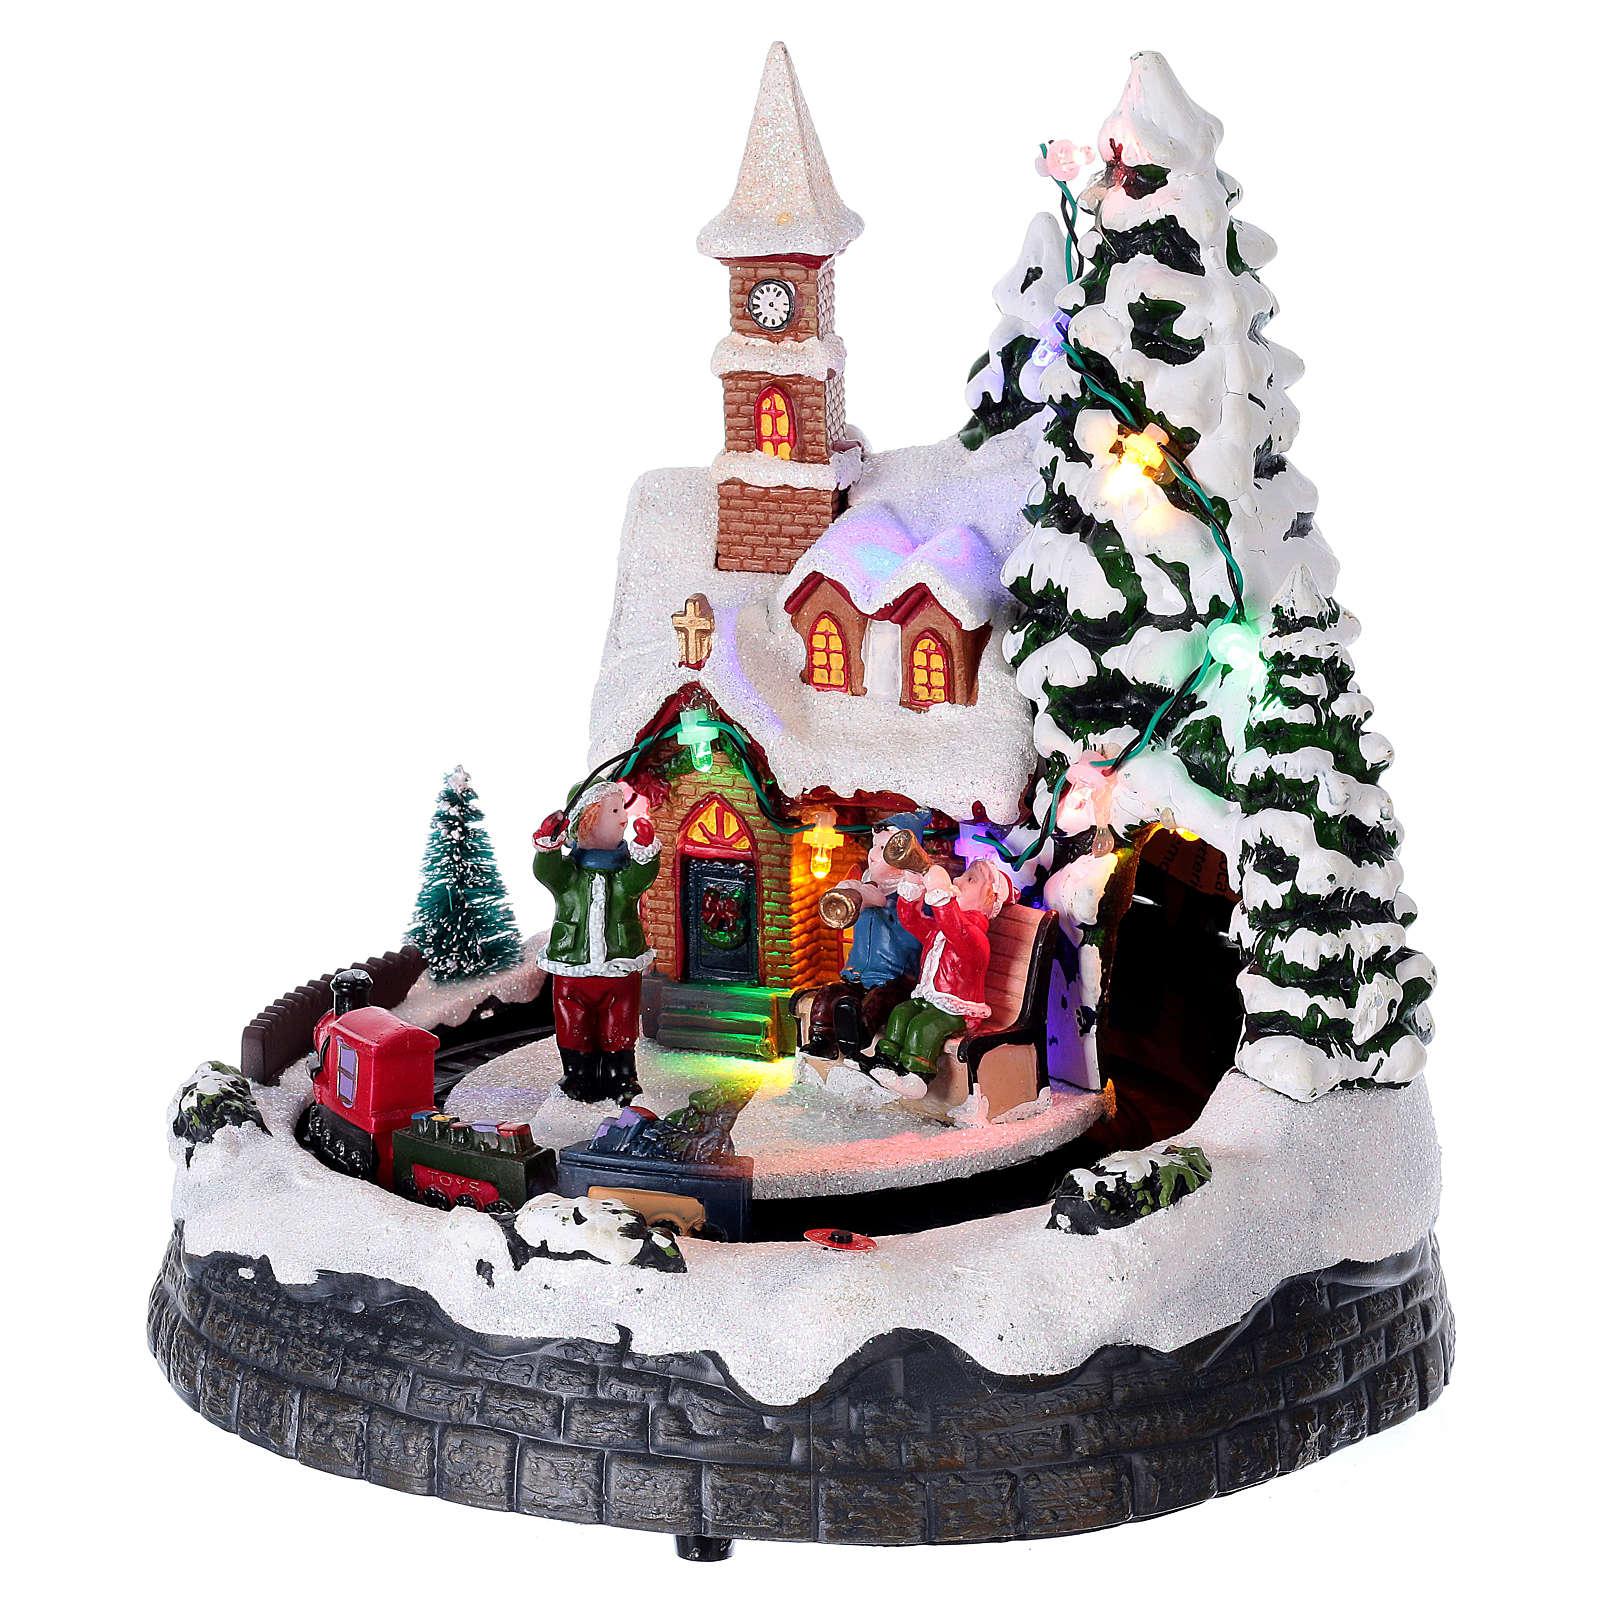 Scenka zimowe miasteczko podświetlane grające z ruchomym pociągiem 20x19x18 3